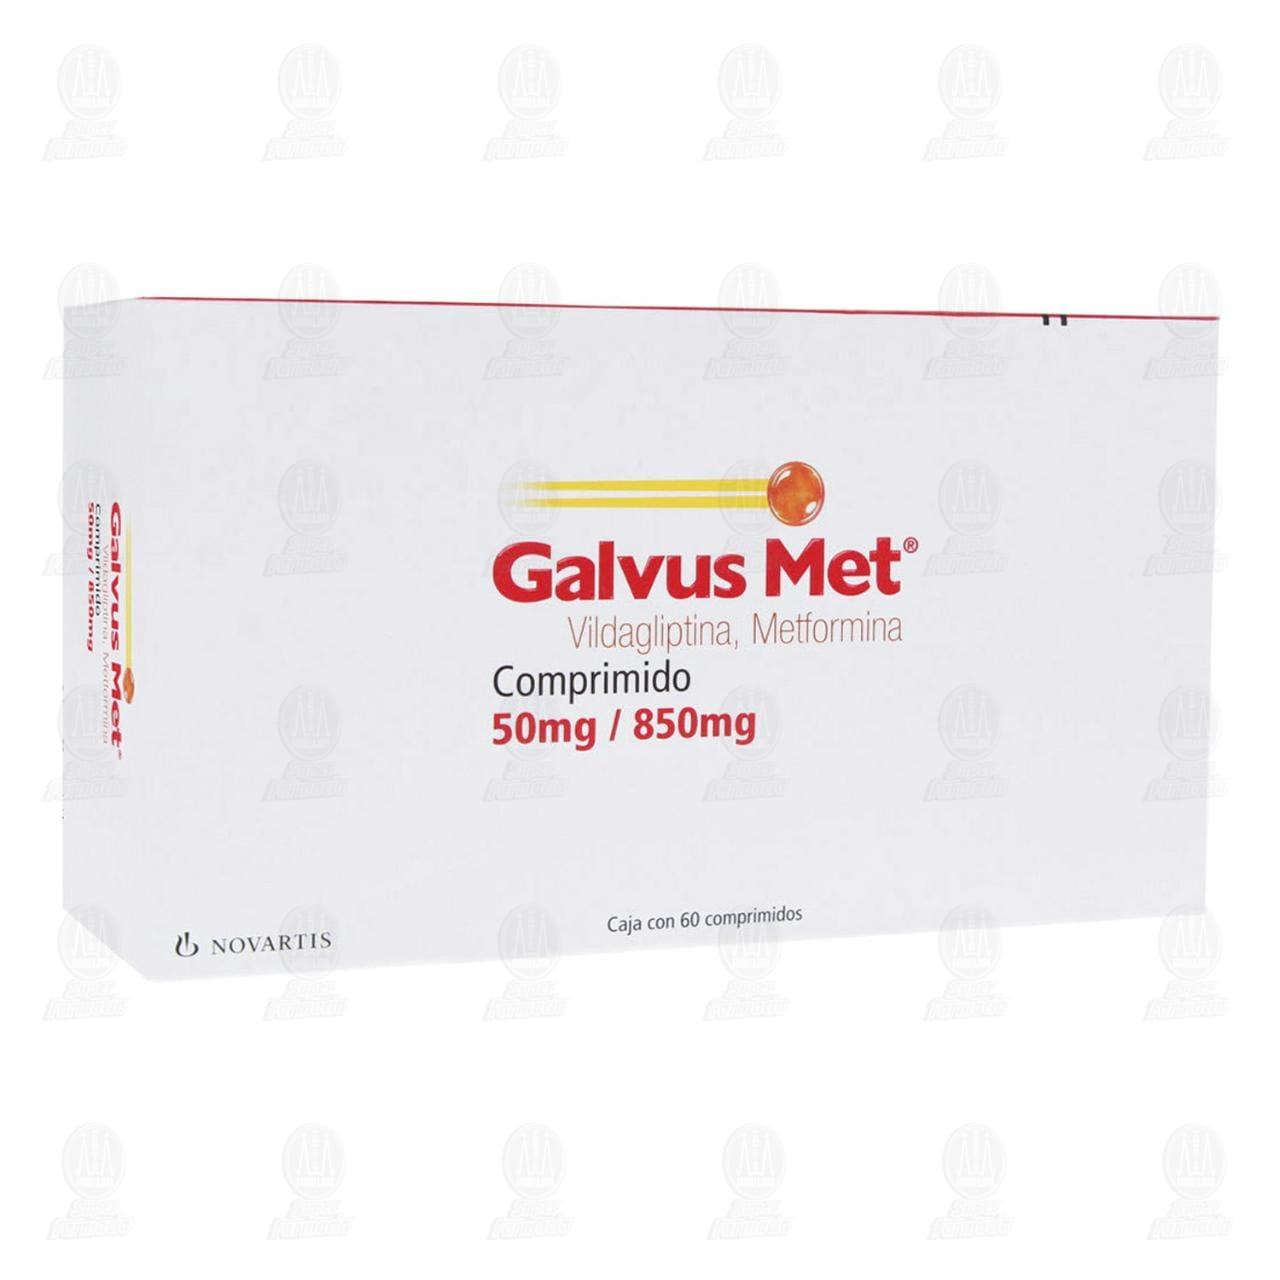 Comprar Galvus Met 50mg/850mg 60 Comprimidos en Farmacias Guadalajara